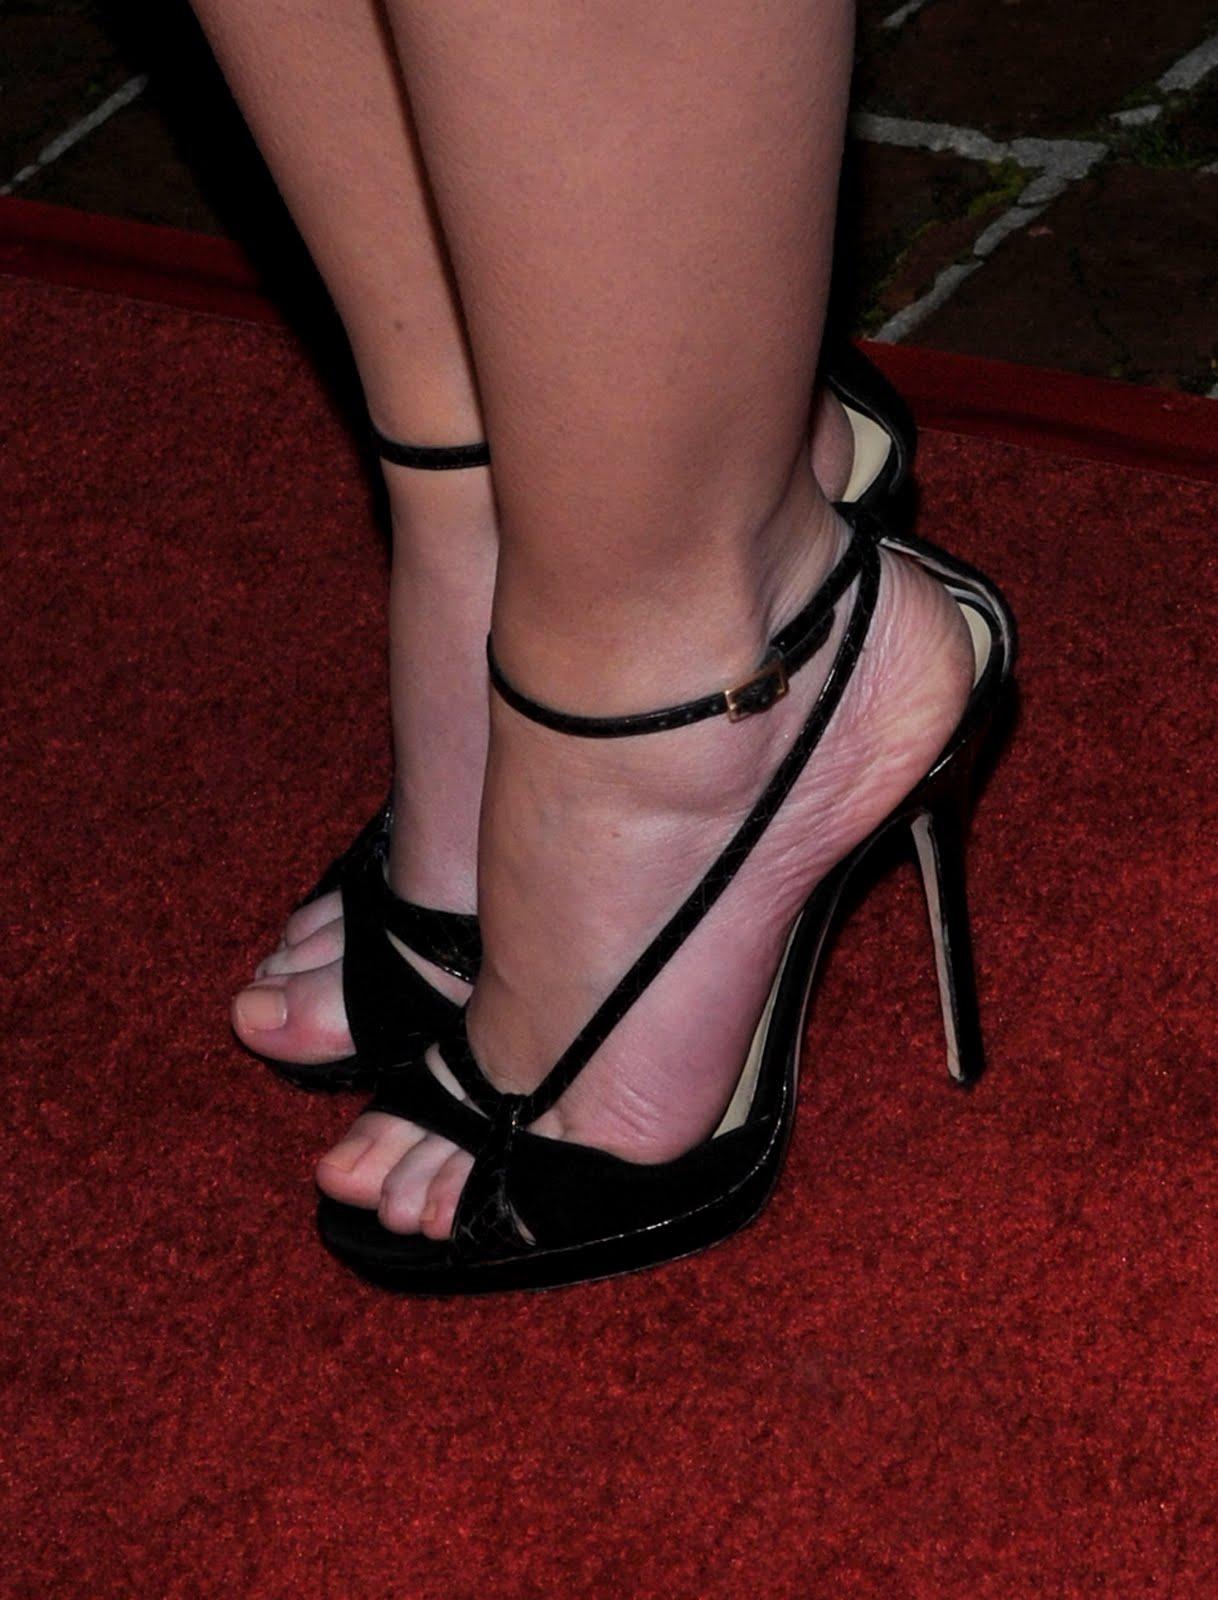 http://4.bp.blogspot.com/_UaLWp72nij4/S7pHraj6xgI/AAAAAAAAGTY/6skdeZHAvTU/s1600/emily-blunt-feet.jpg